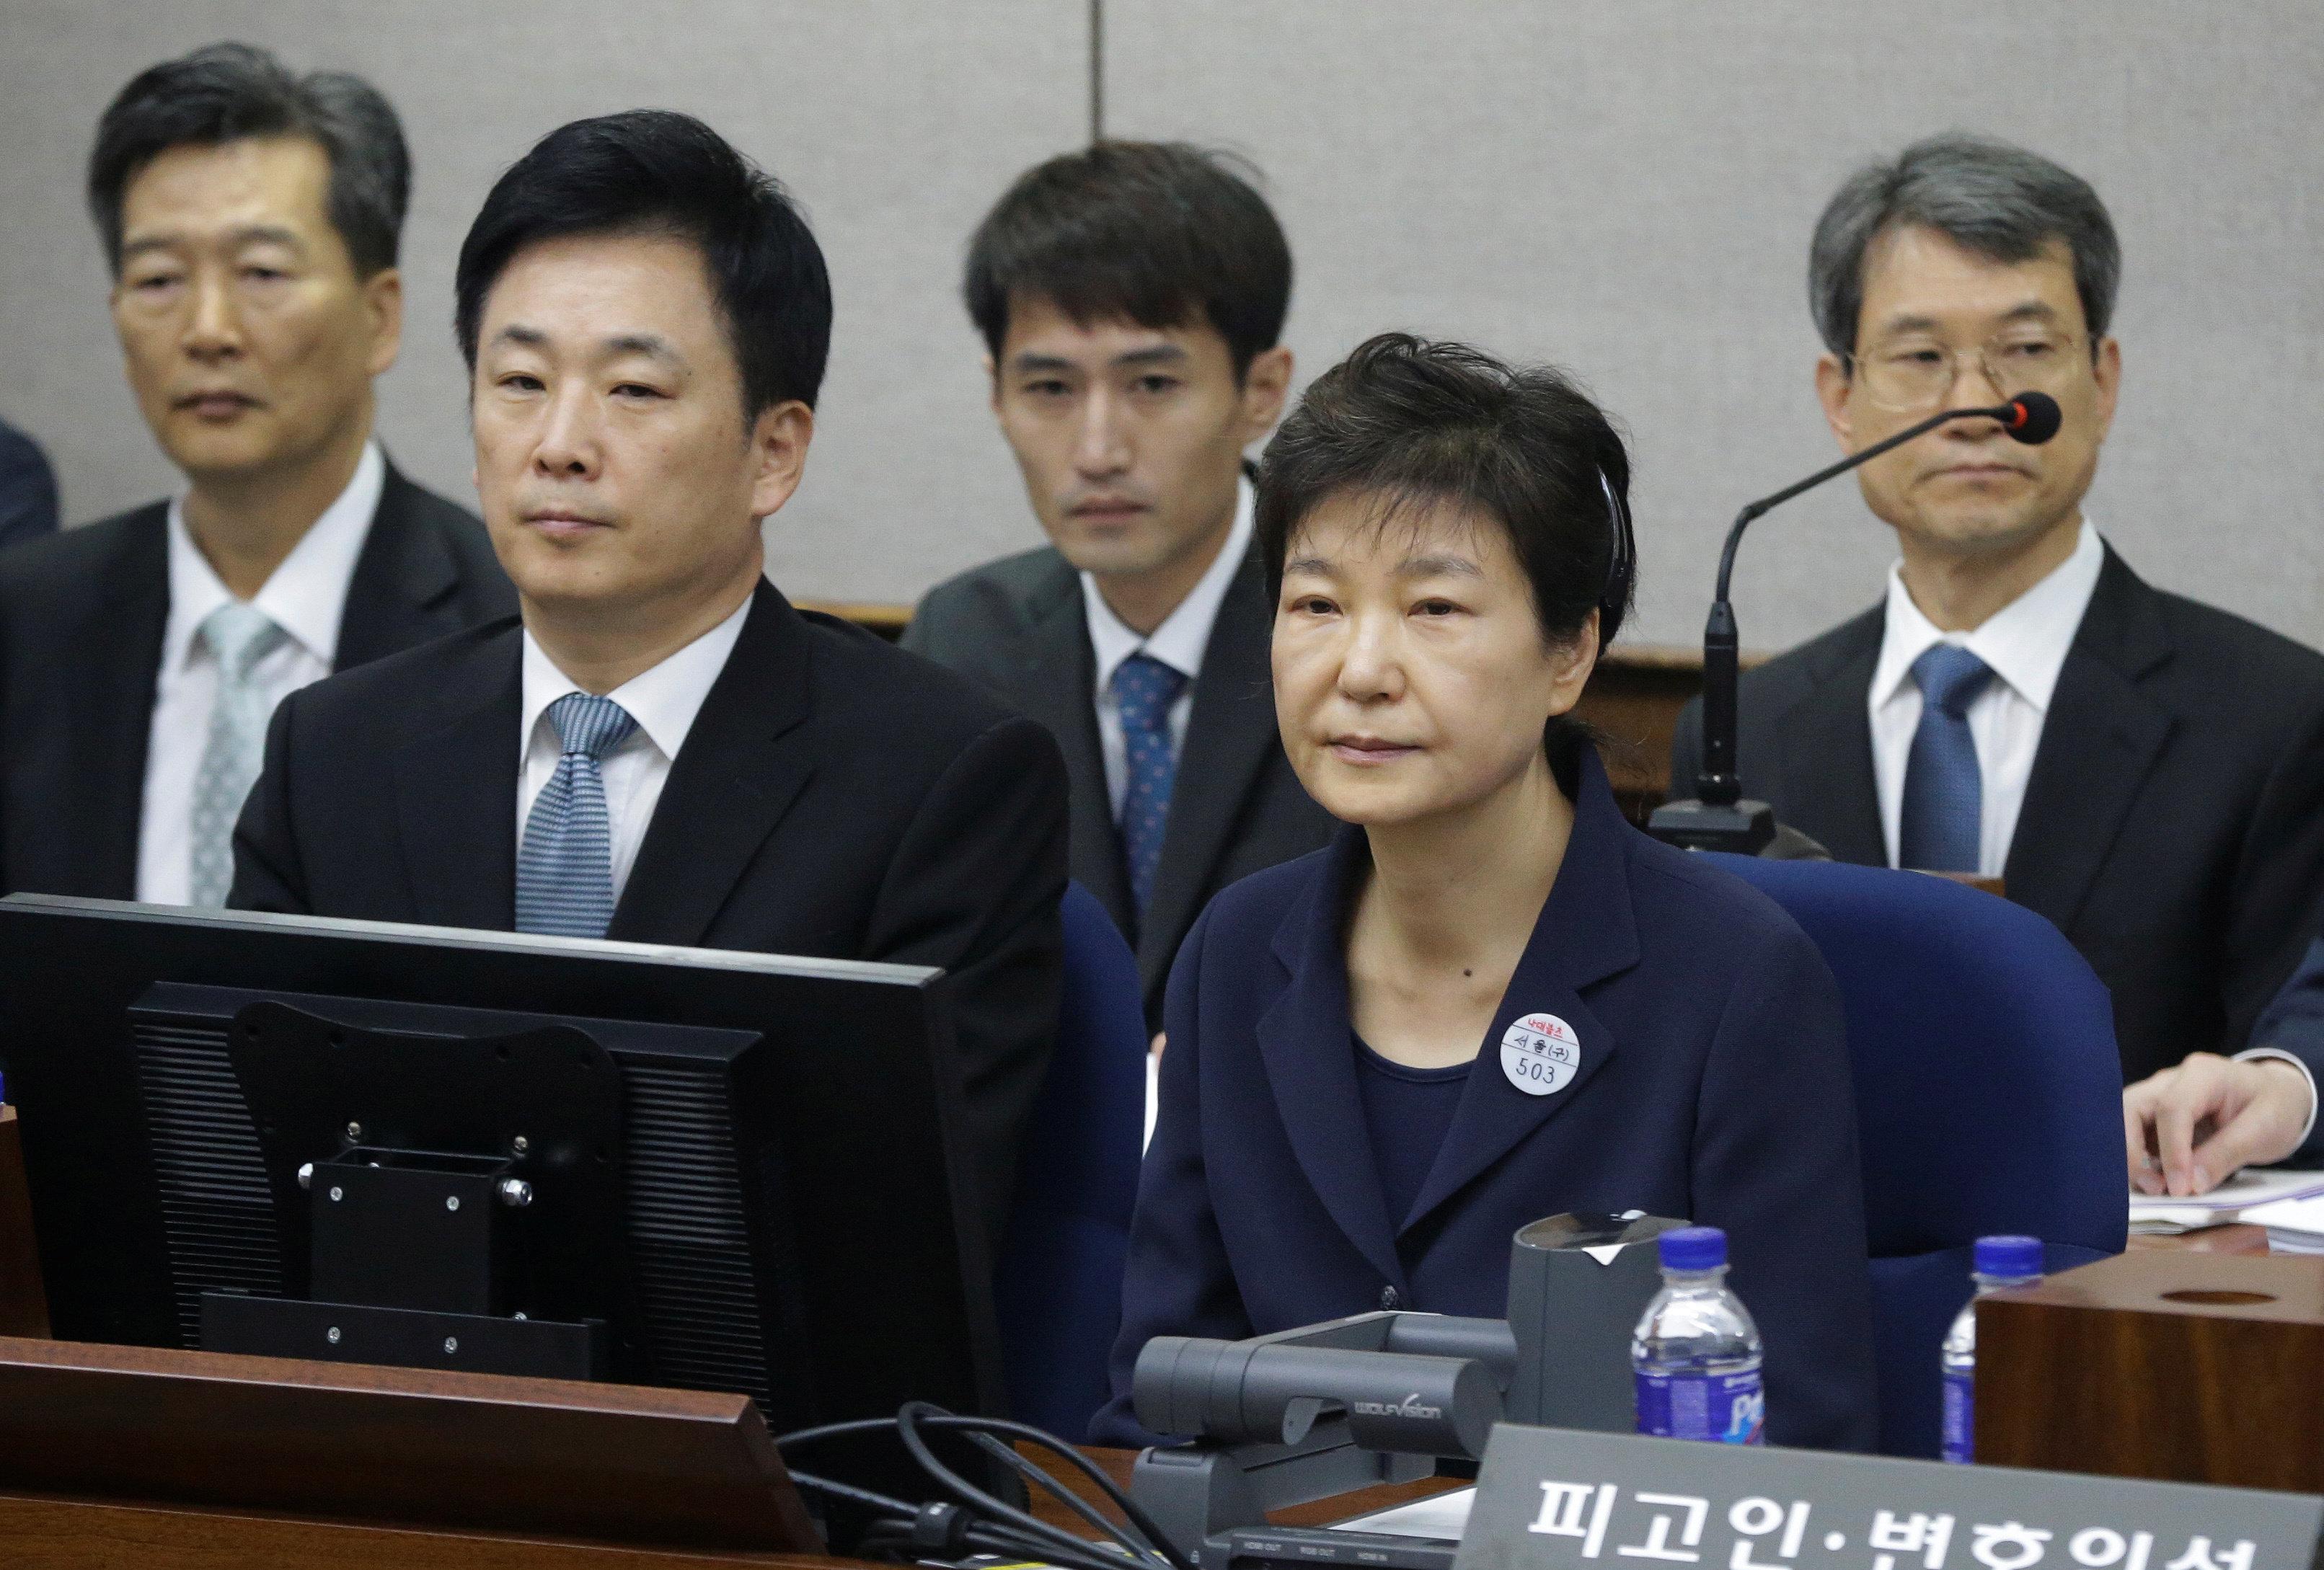 박근혜의 1심 재판은 아직 끝난 게 아니다